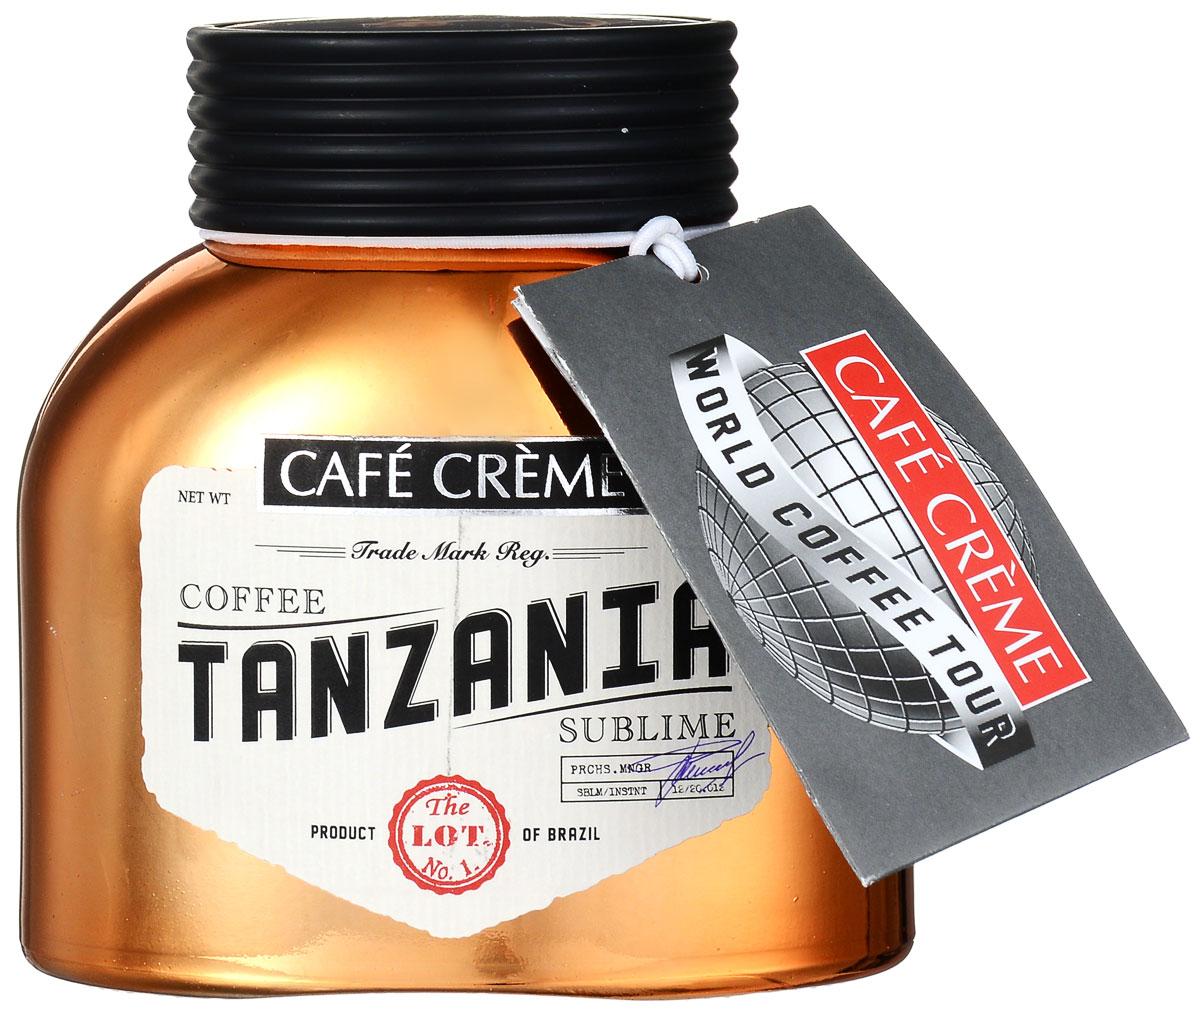 лучшая цена Cafe Creme Tanzania кофе растворимый, 100 г